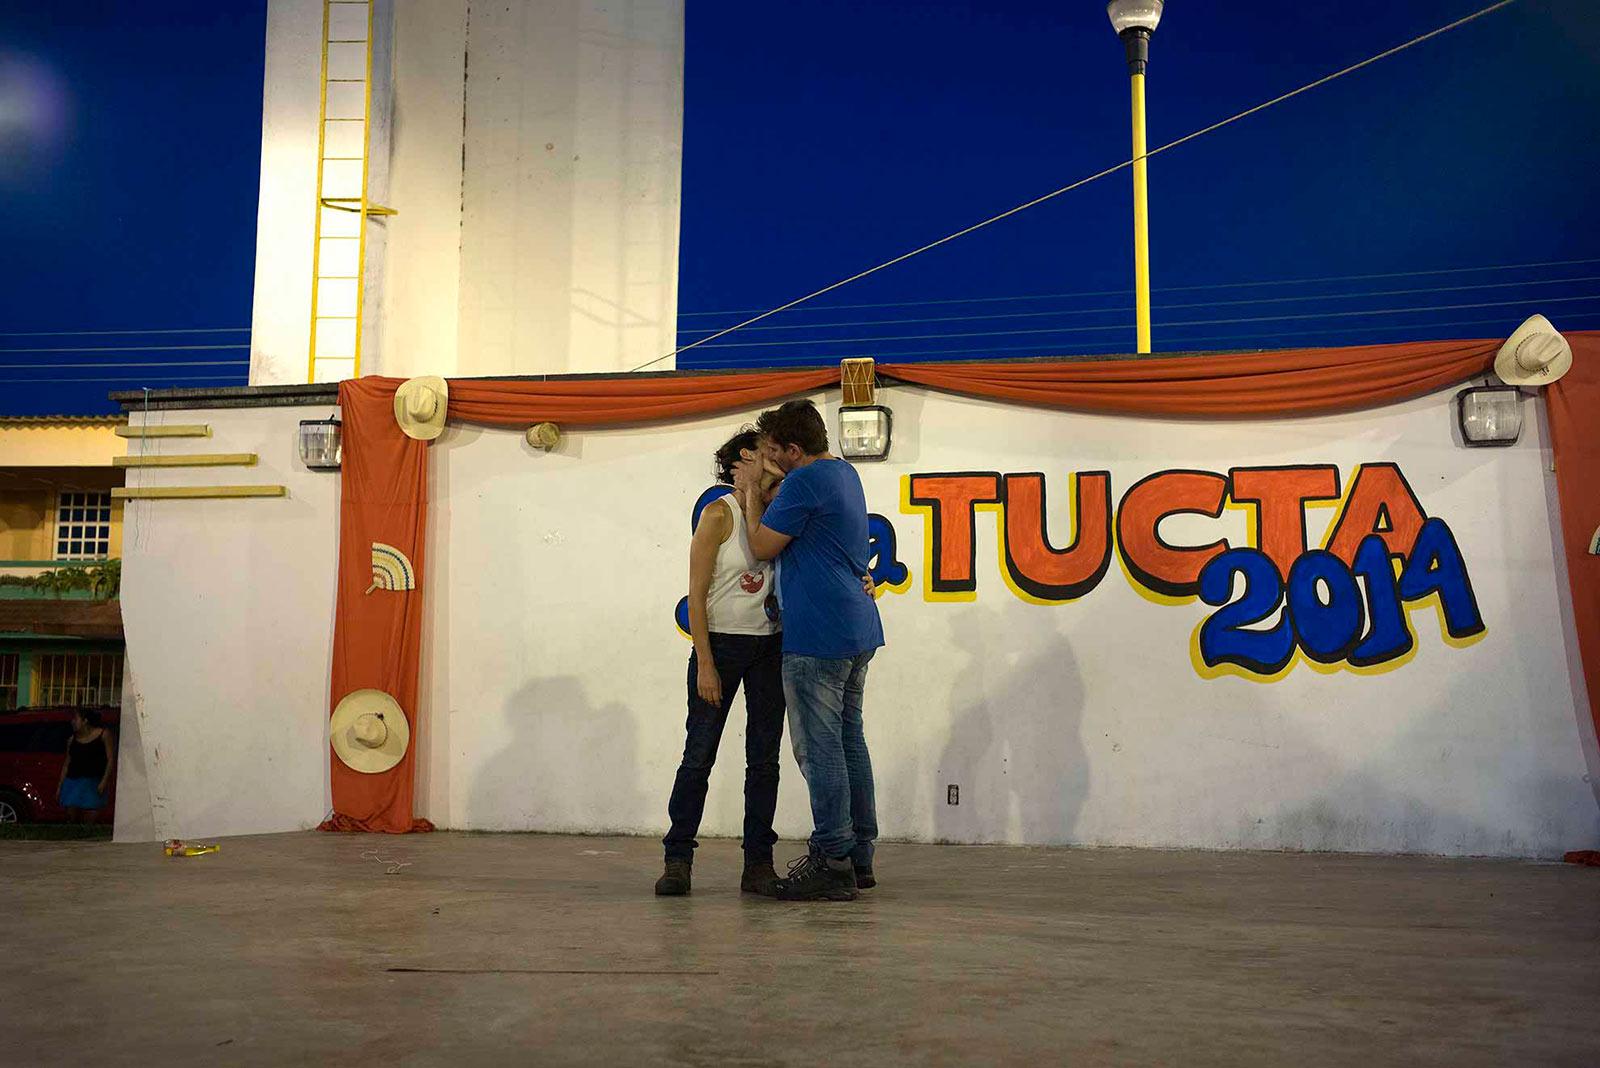 Tucta, México año 2014